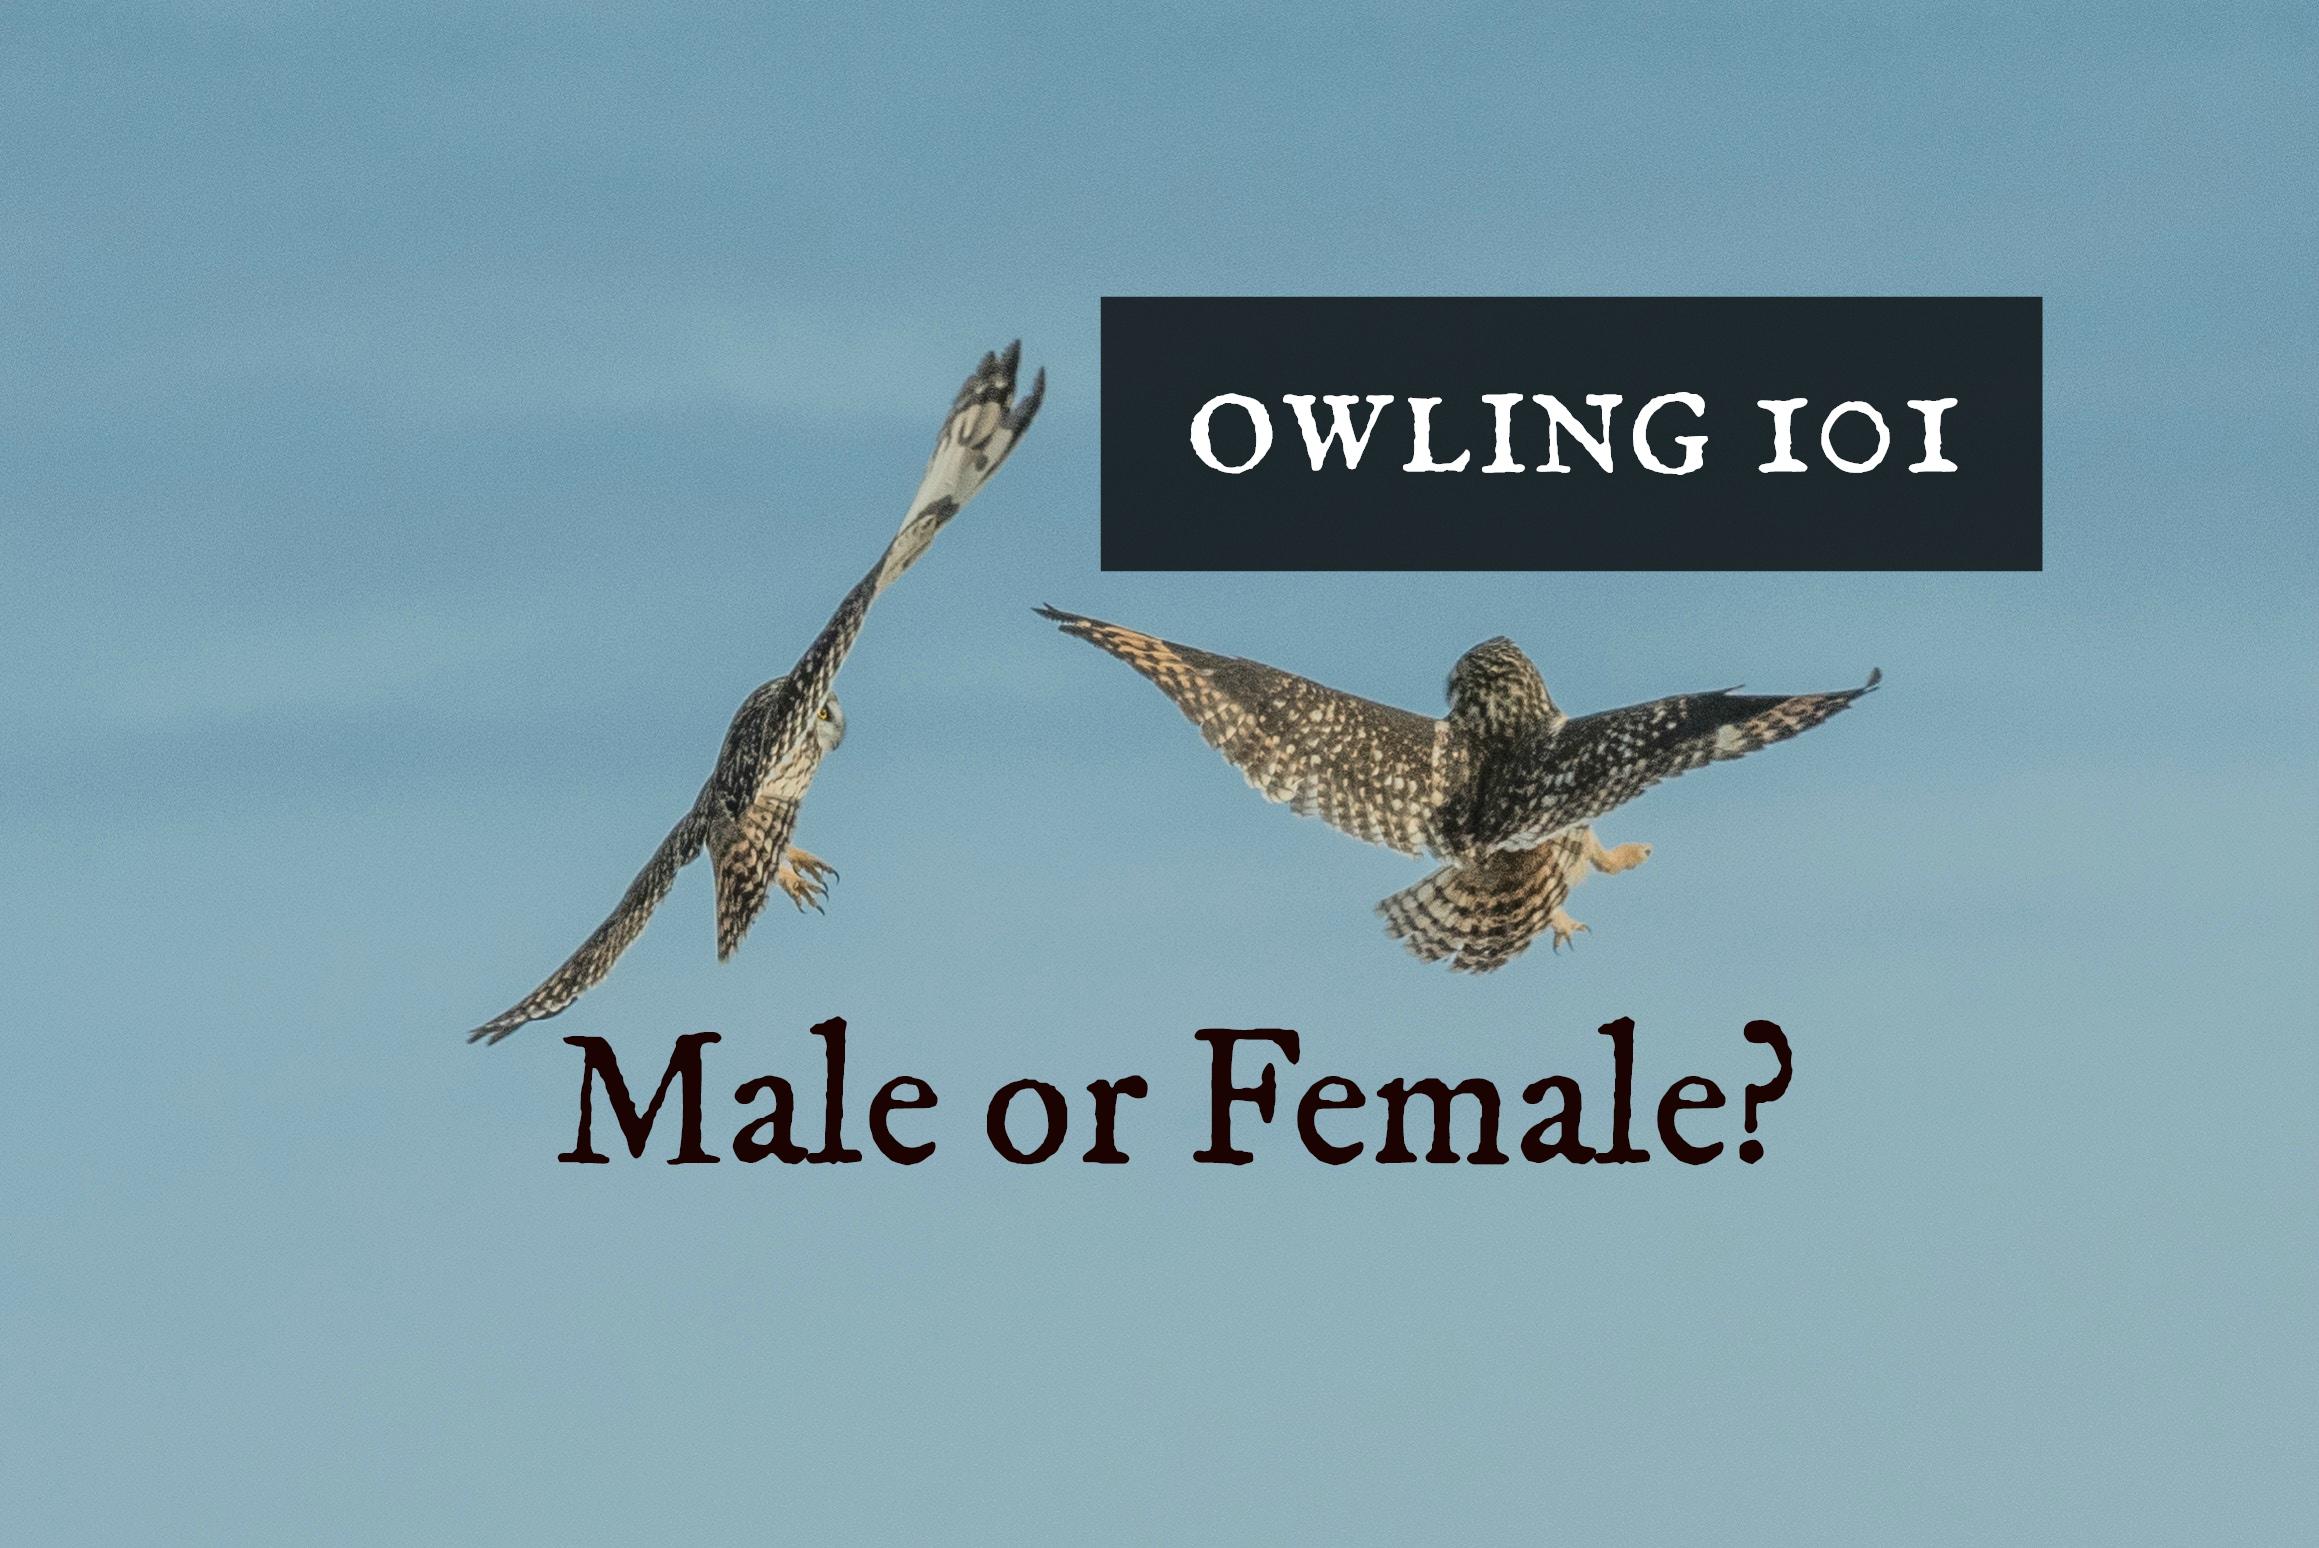 owling101maleorfemale.jpg